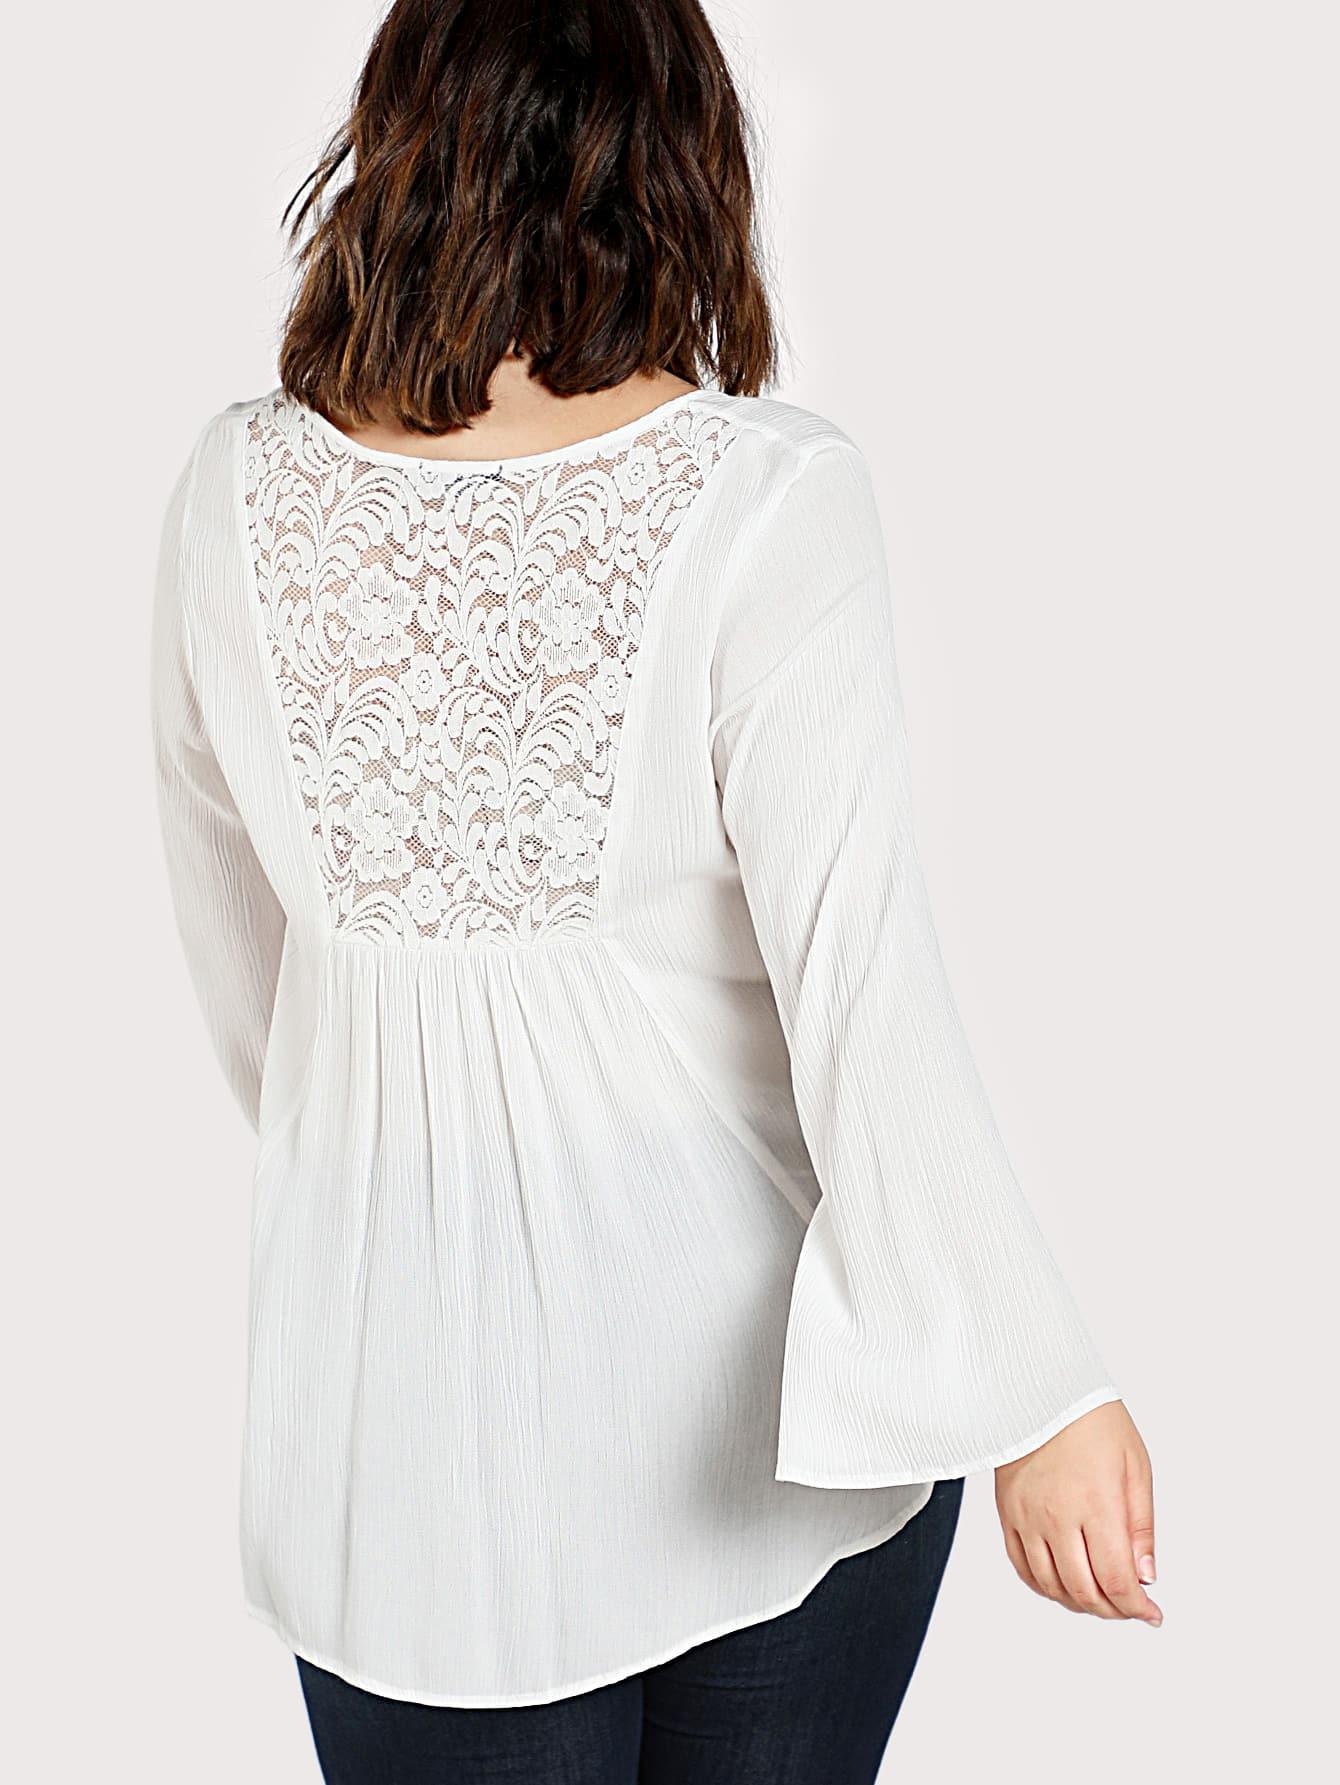 Lace Insert Crisscross Front Dip Hem Blouse lace insert floral blouse